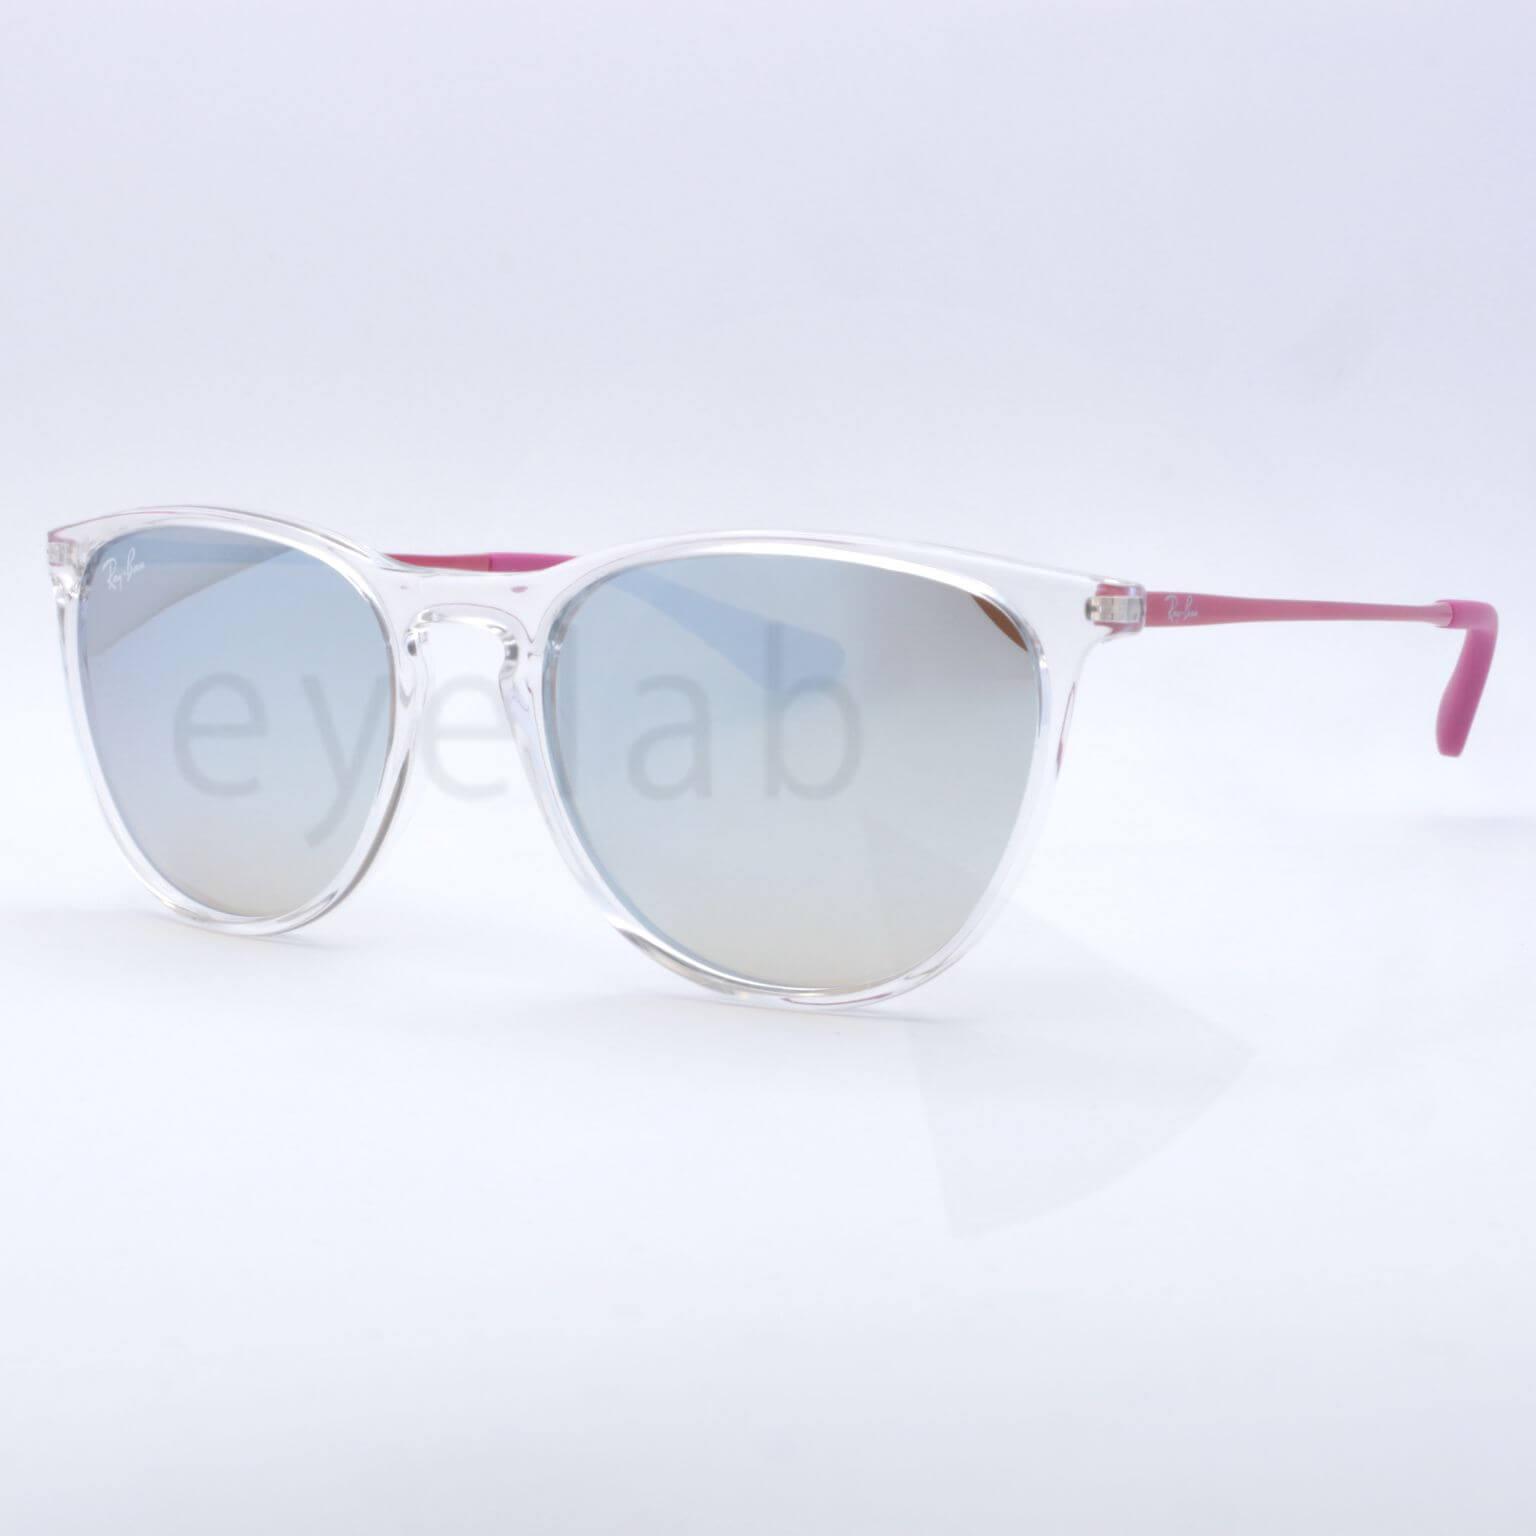 Γυαλιά ηλίου Ray-Ban Junior 9060 7032B8 ~ Eyelab 51252ca36c0